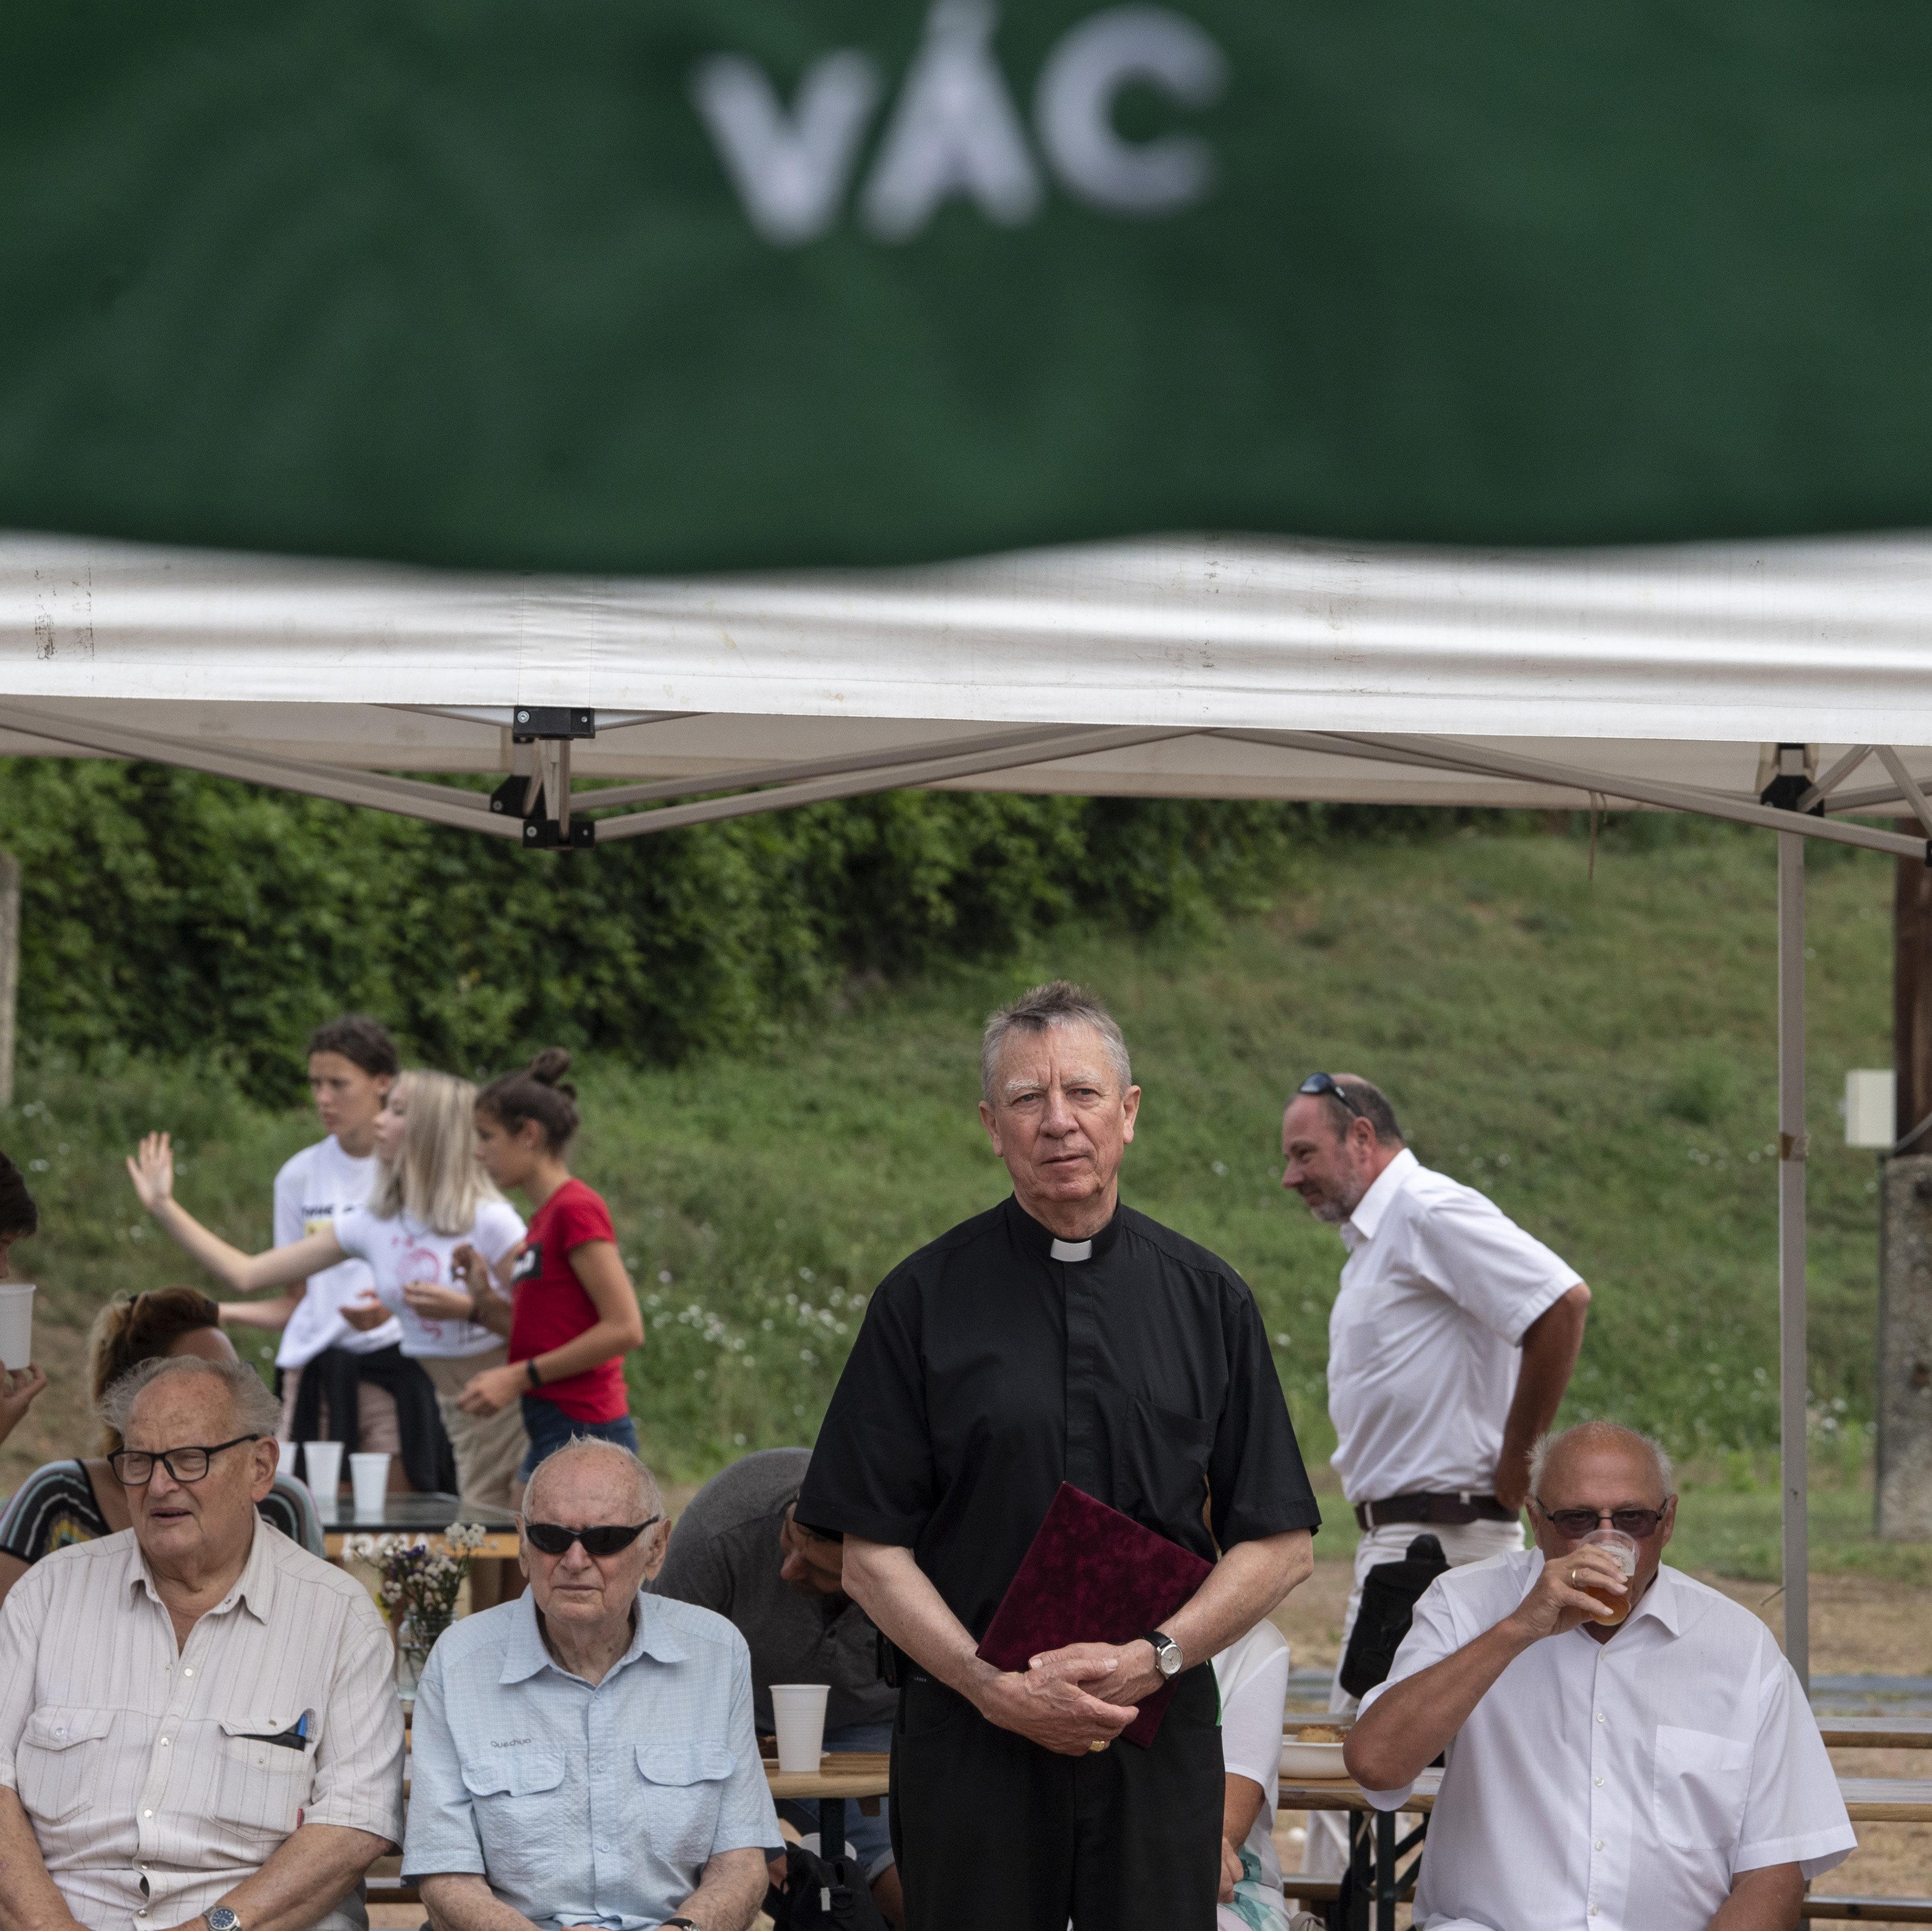 A választások előtt rászóltak Beer Miklós püspökre, hogy fogja be a száját